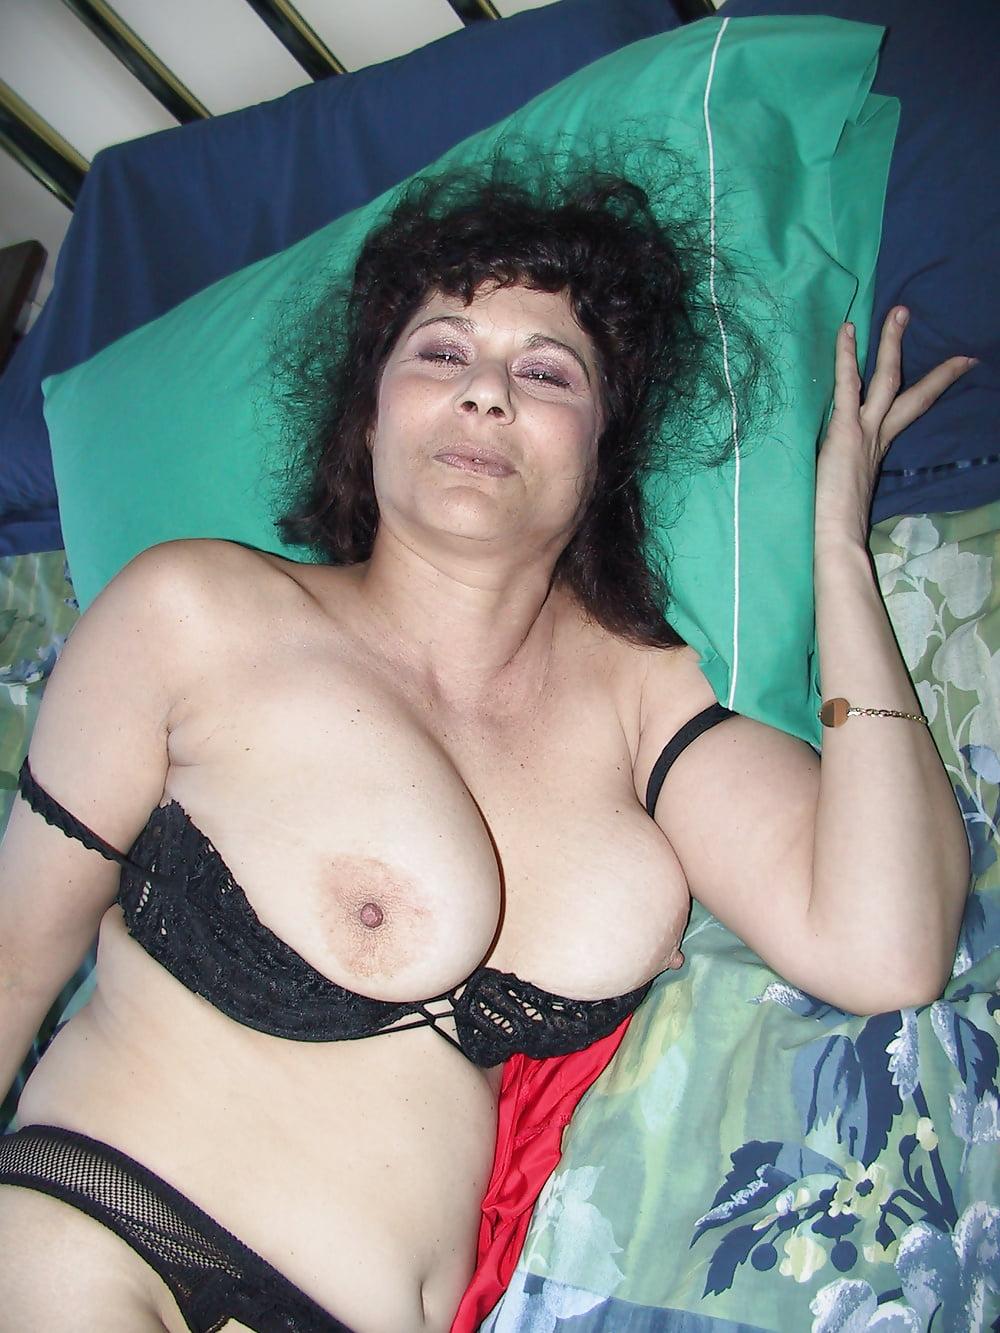 blowjob-mandy-ferguson-swinger-chest-dildo